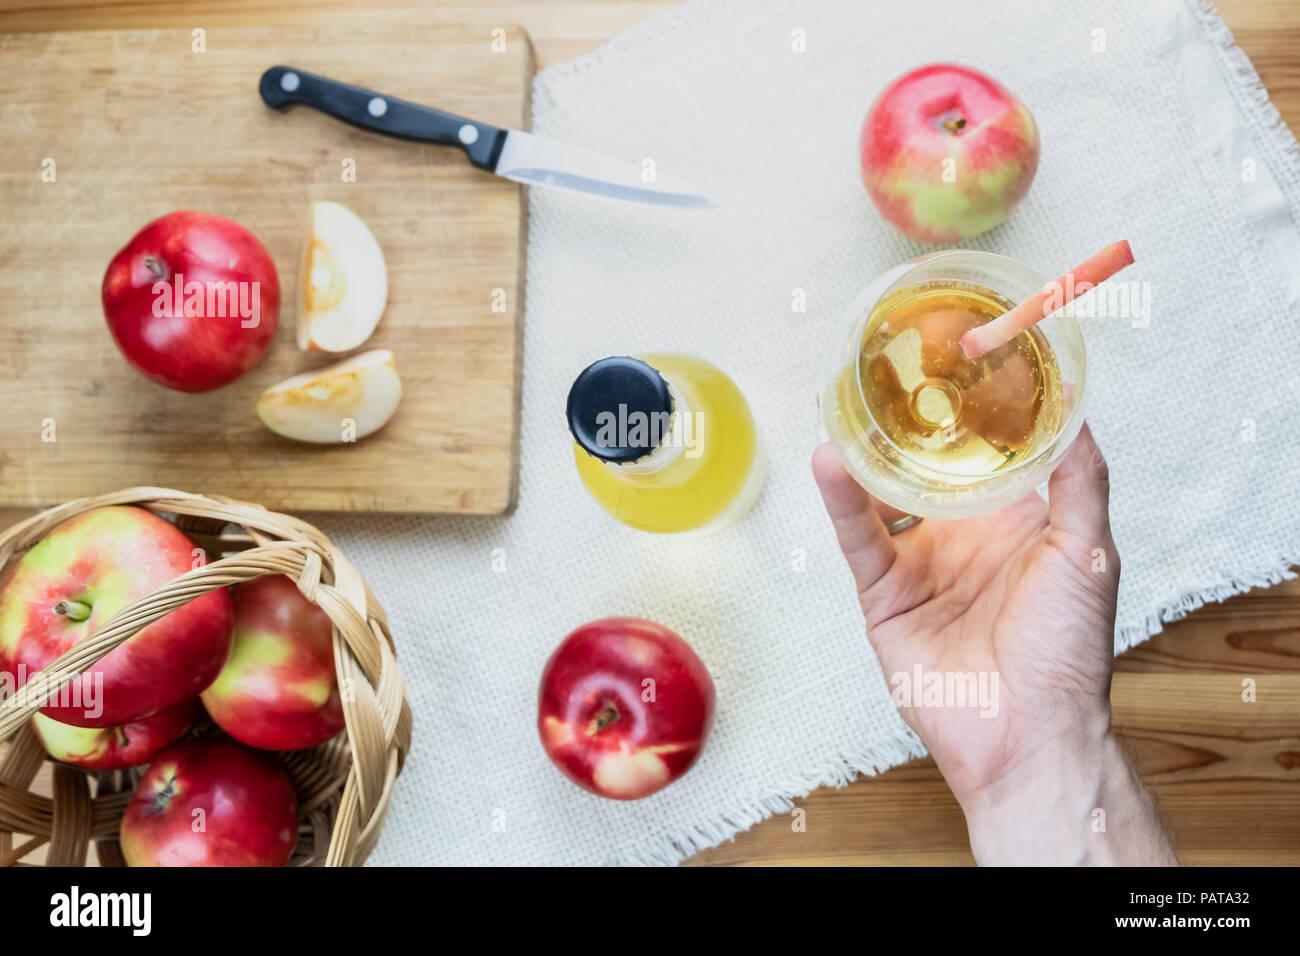 Vue de dessus les pommes juteuses mûres et verre de cidre verre sur table en bois rustique. Point de vue de la main qui tient le verre de cidre fait maison et cultiver localement Photo Stock